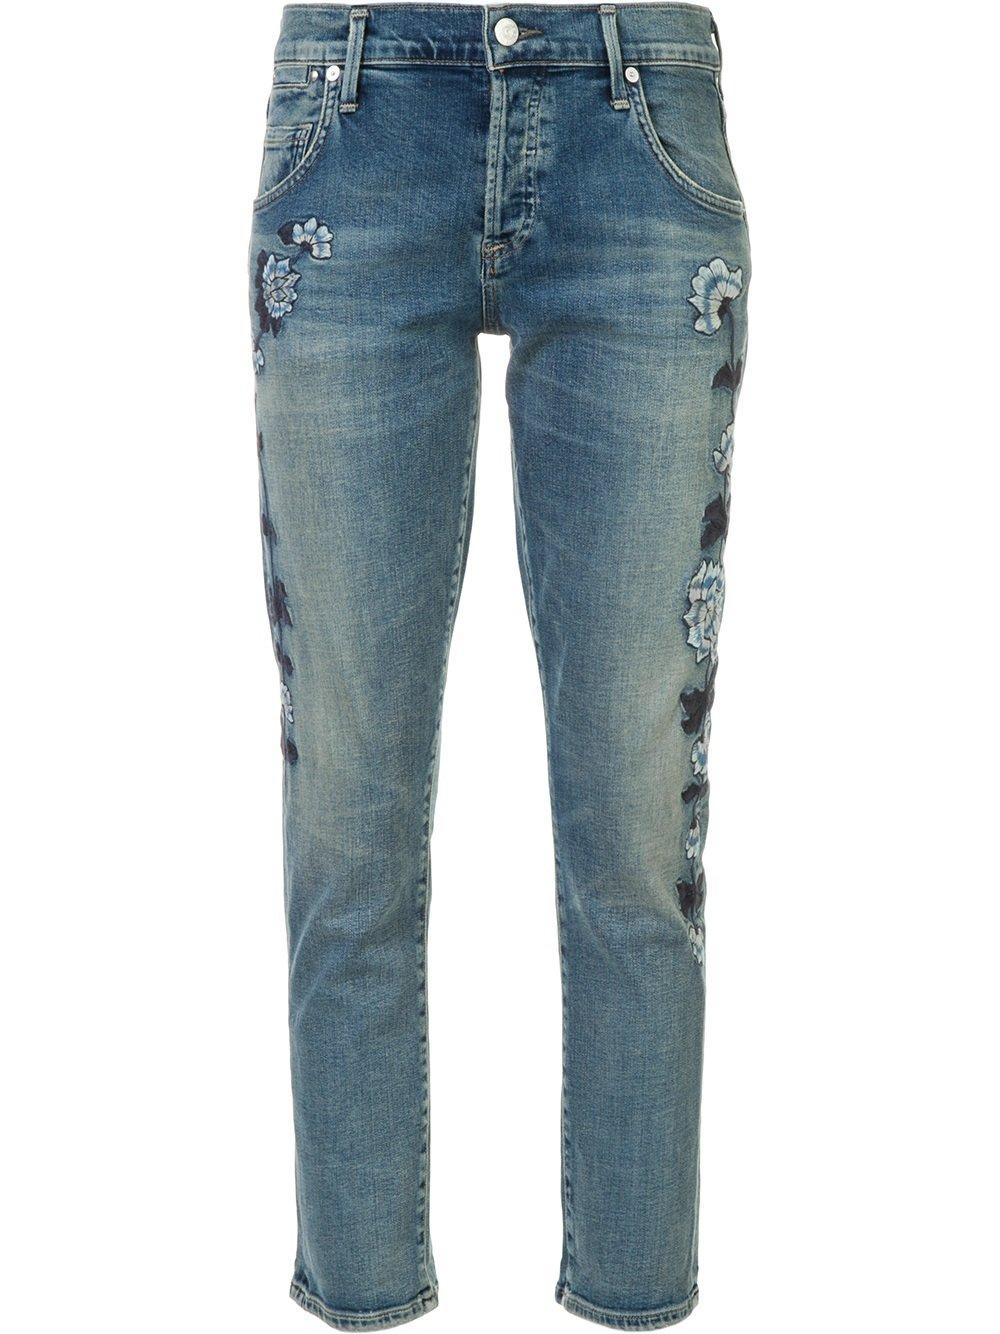 jean brod 7 8 citizens of humanity 25 jeans brod s qui nous font de l il elle. Black Bedroom Furniture Sets. Home Design Ideas